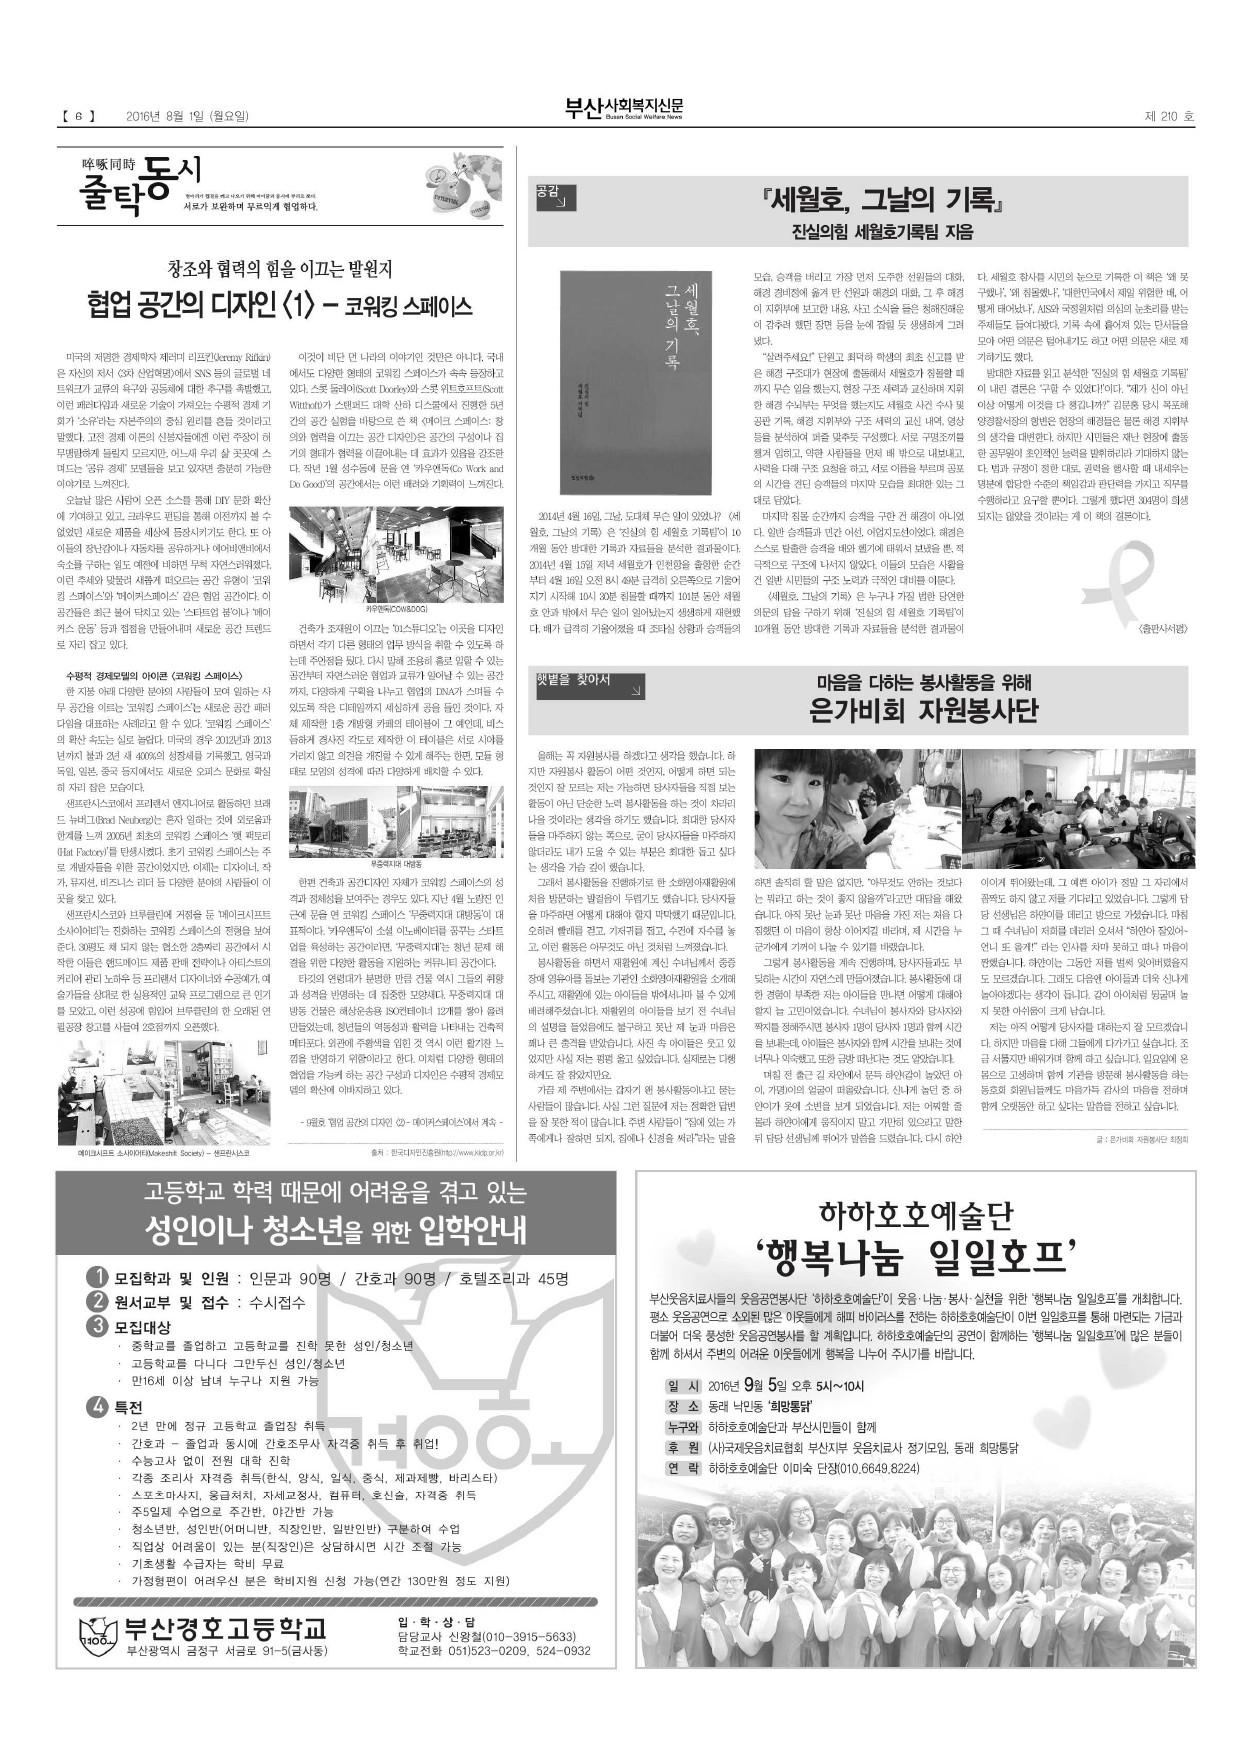 210호 신문-6.jpg